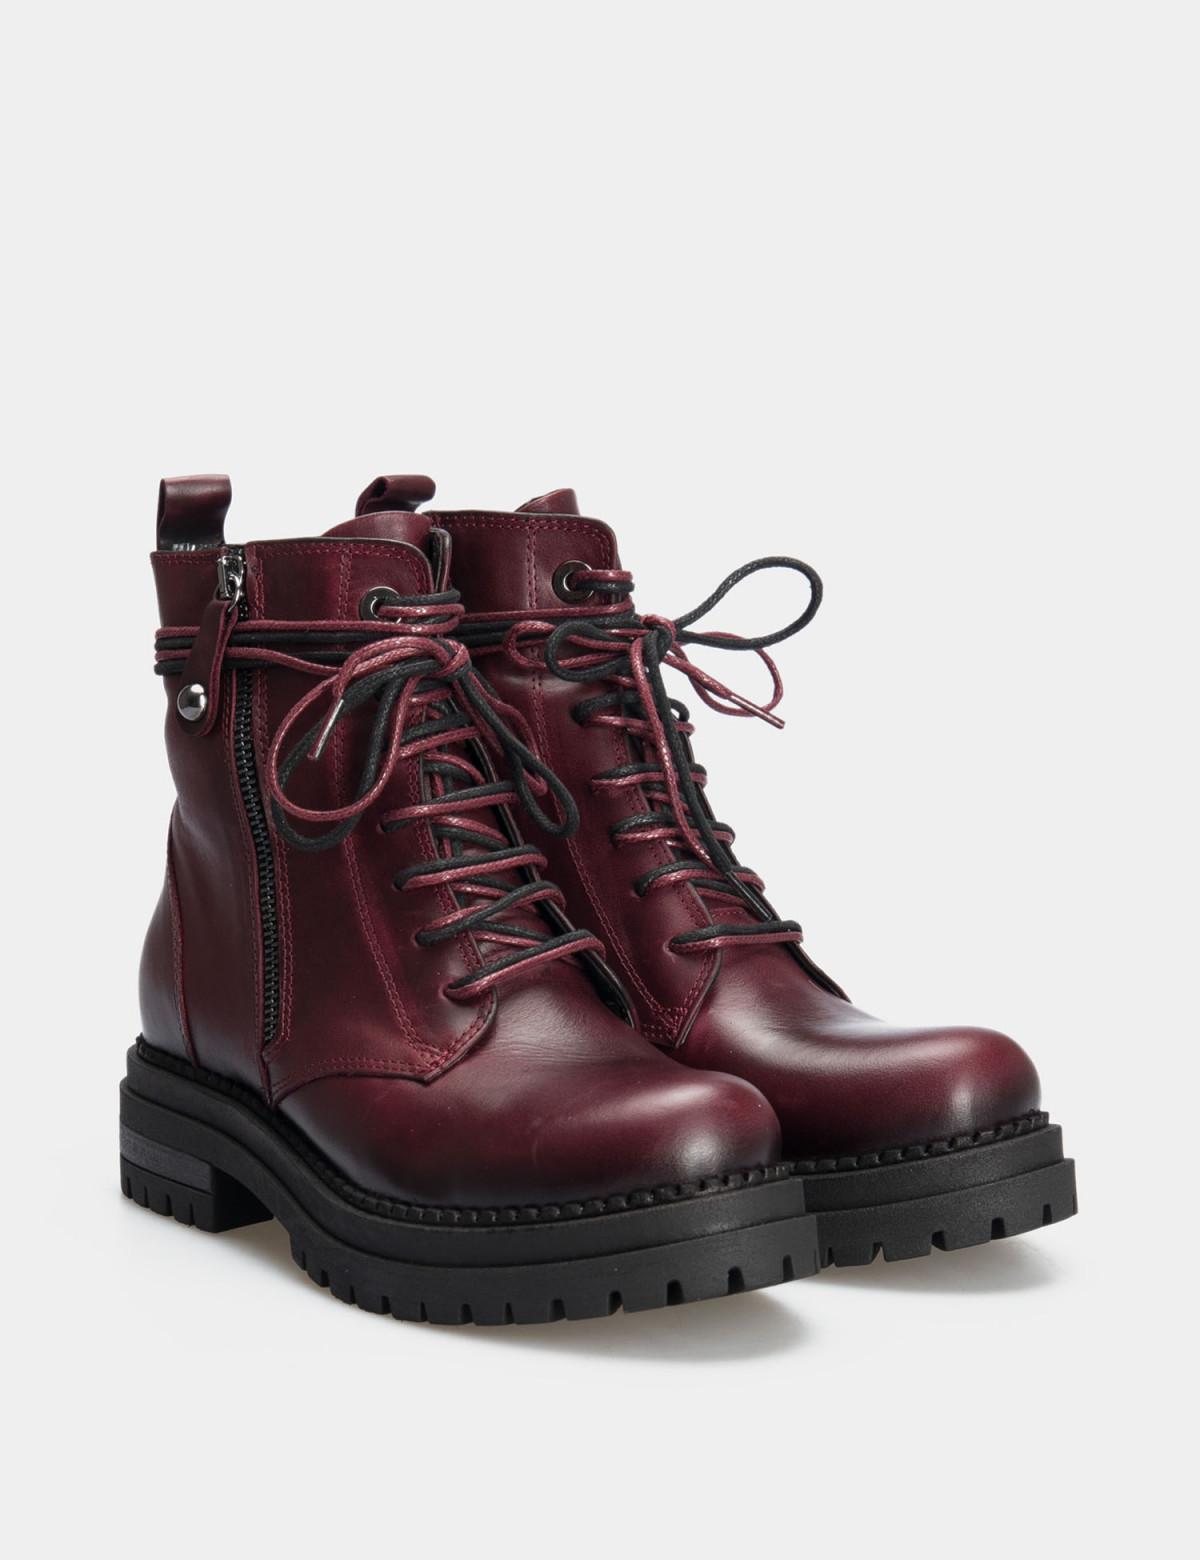 Ботинки бордовые. натуральная кожа. 1